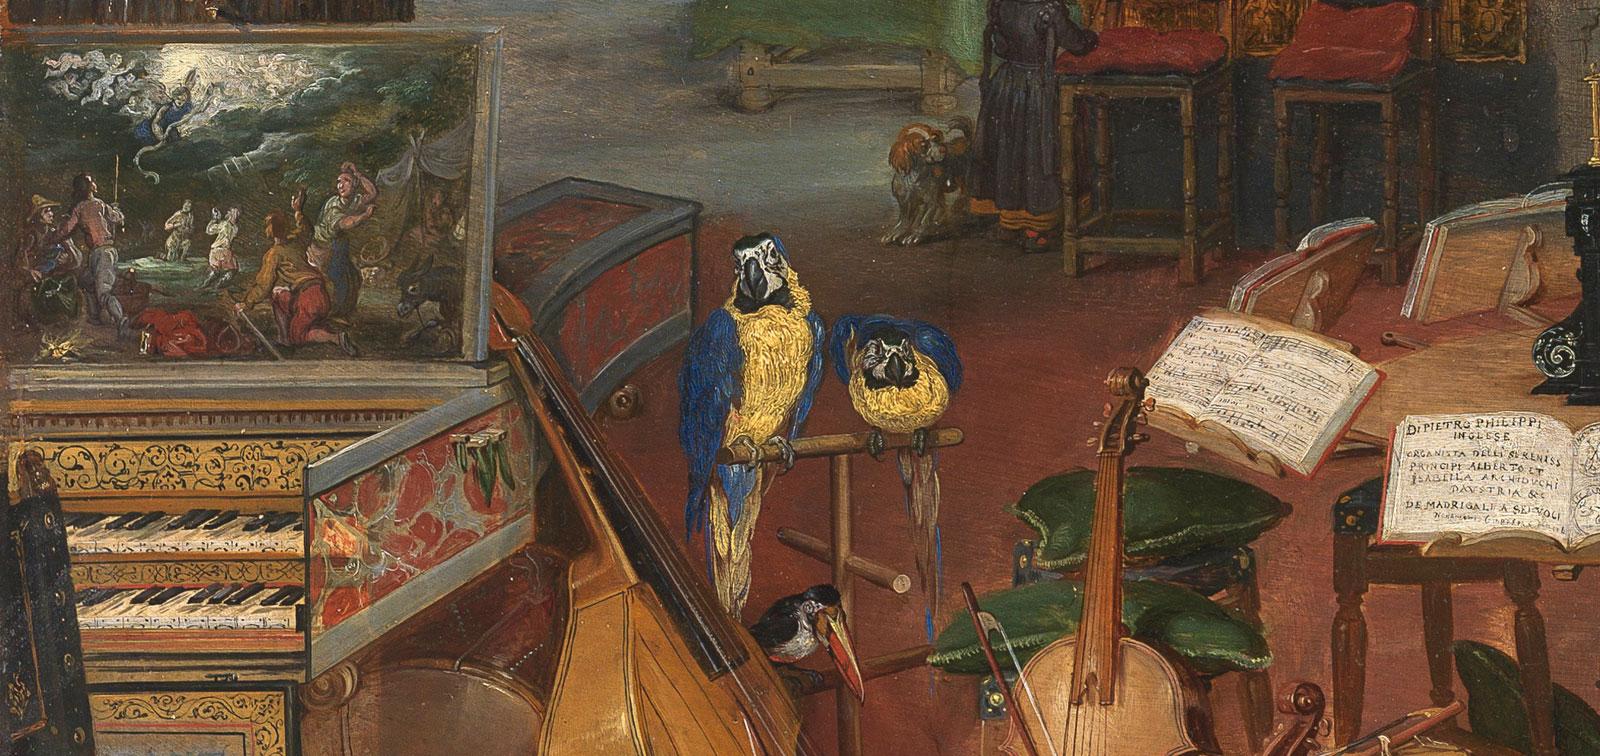 Pintadas para la música: dos tablas procedentes de instrumentos musicales en el Museo del Prado